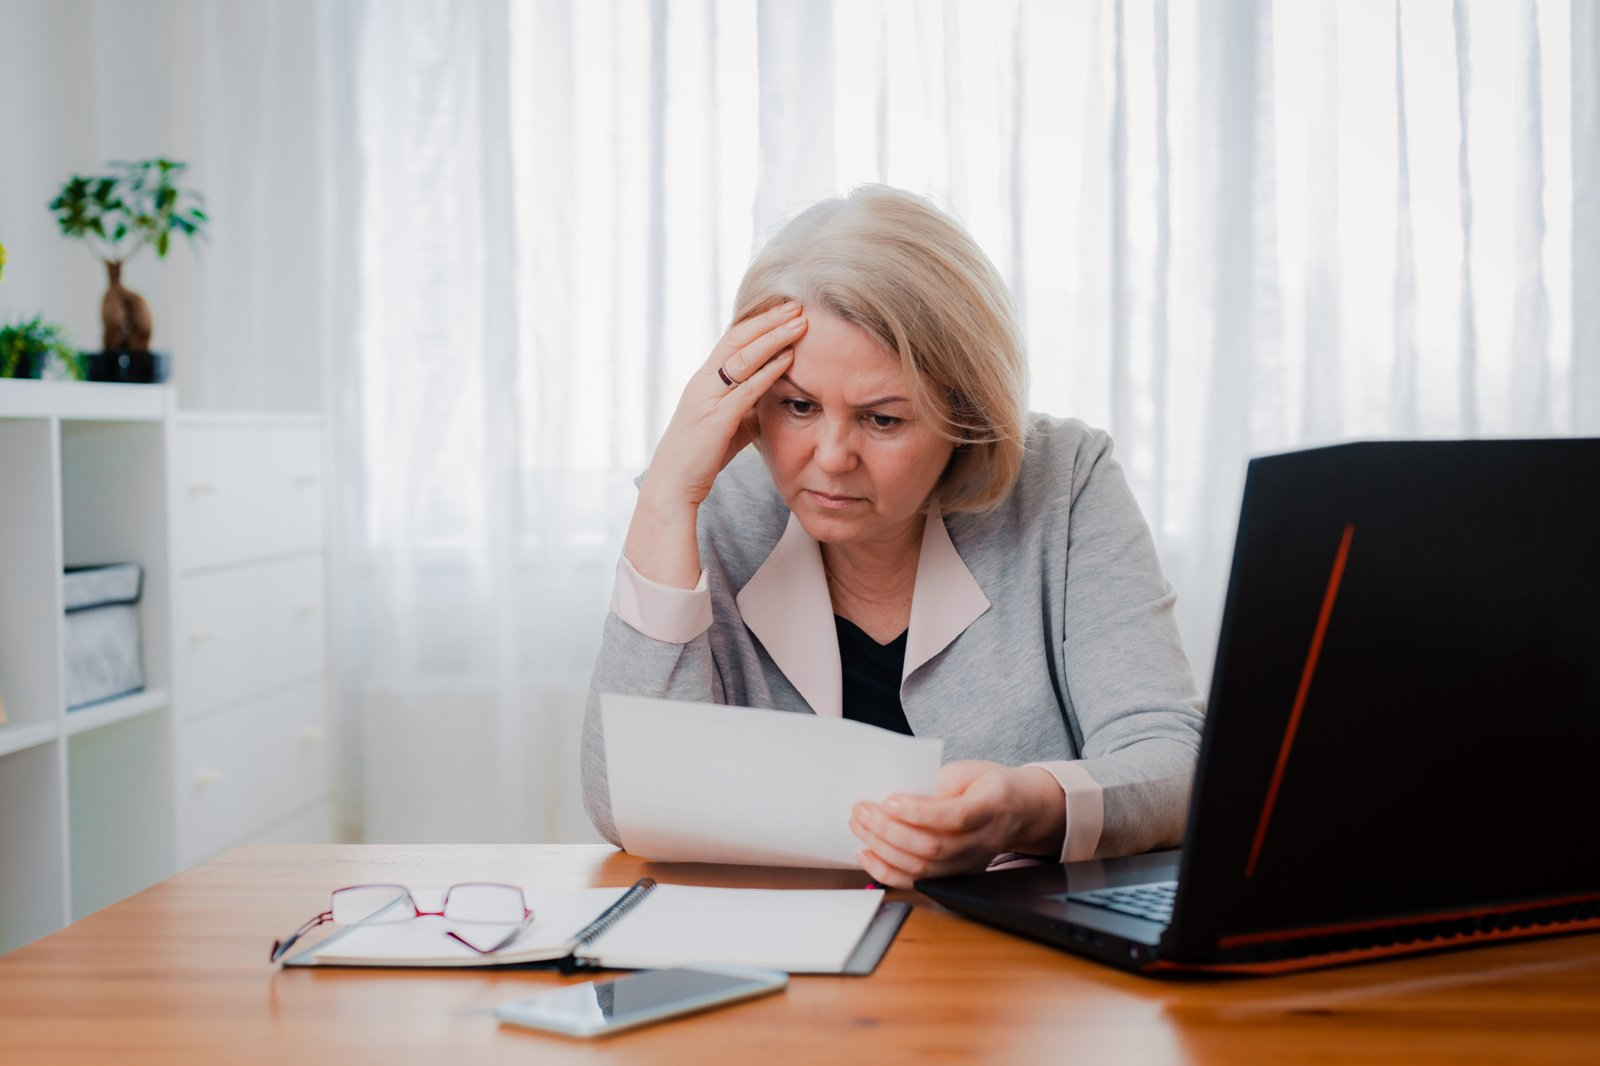 Išanalizavo moterų ir vyrų darbo užmokesčio atotrūkį Lietuvoje: kada moterys pažeidžiamos labiausiai